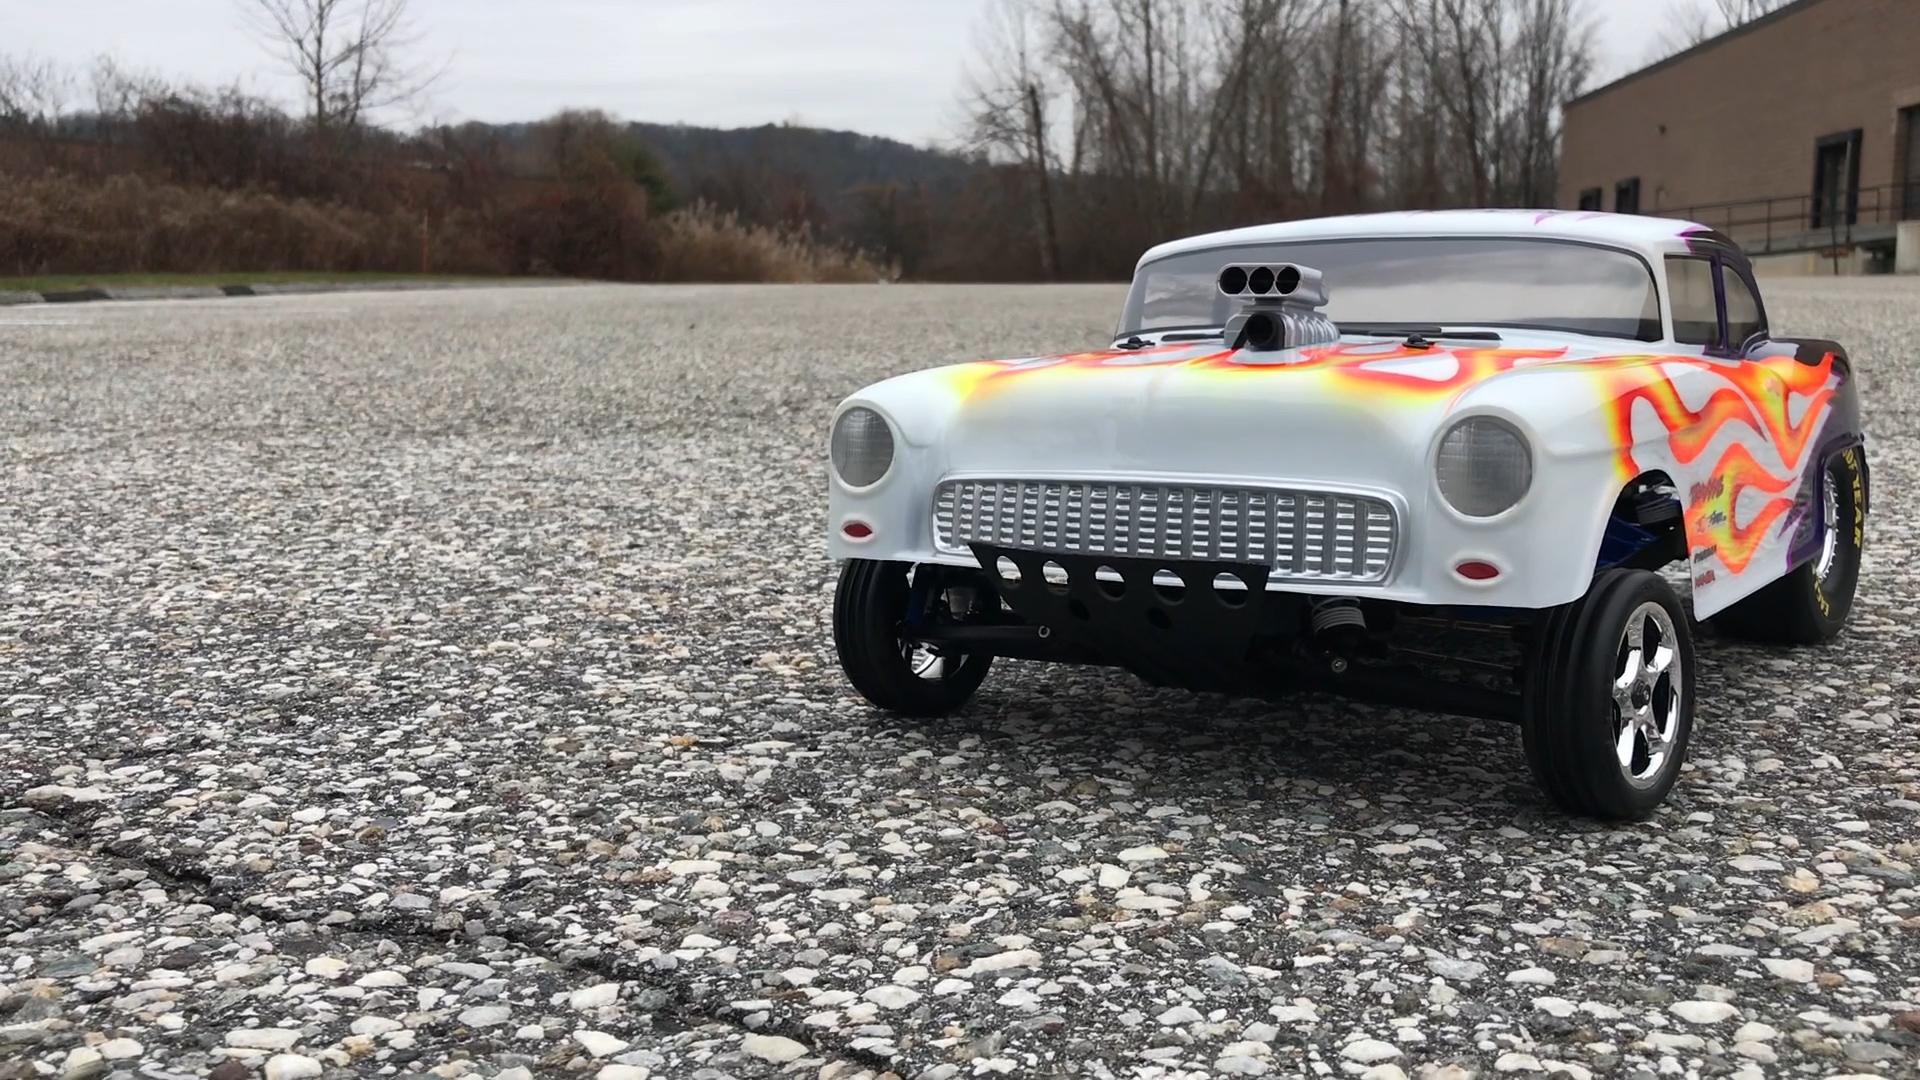 Traxxas Slash RC Drag Car Project Part 4